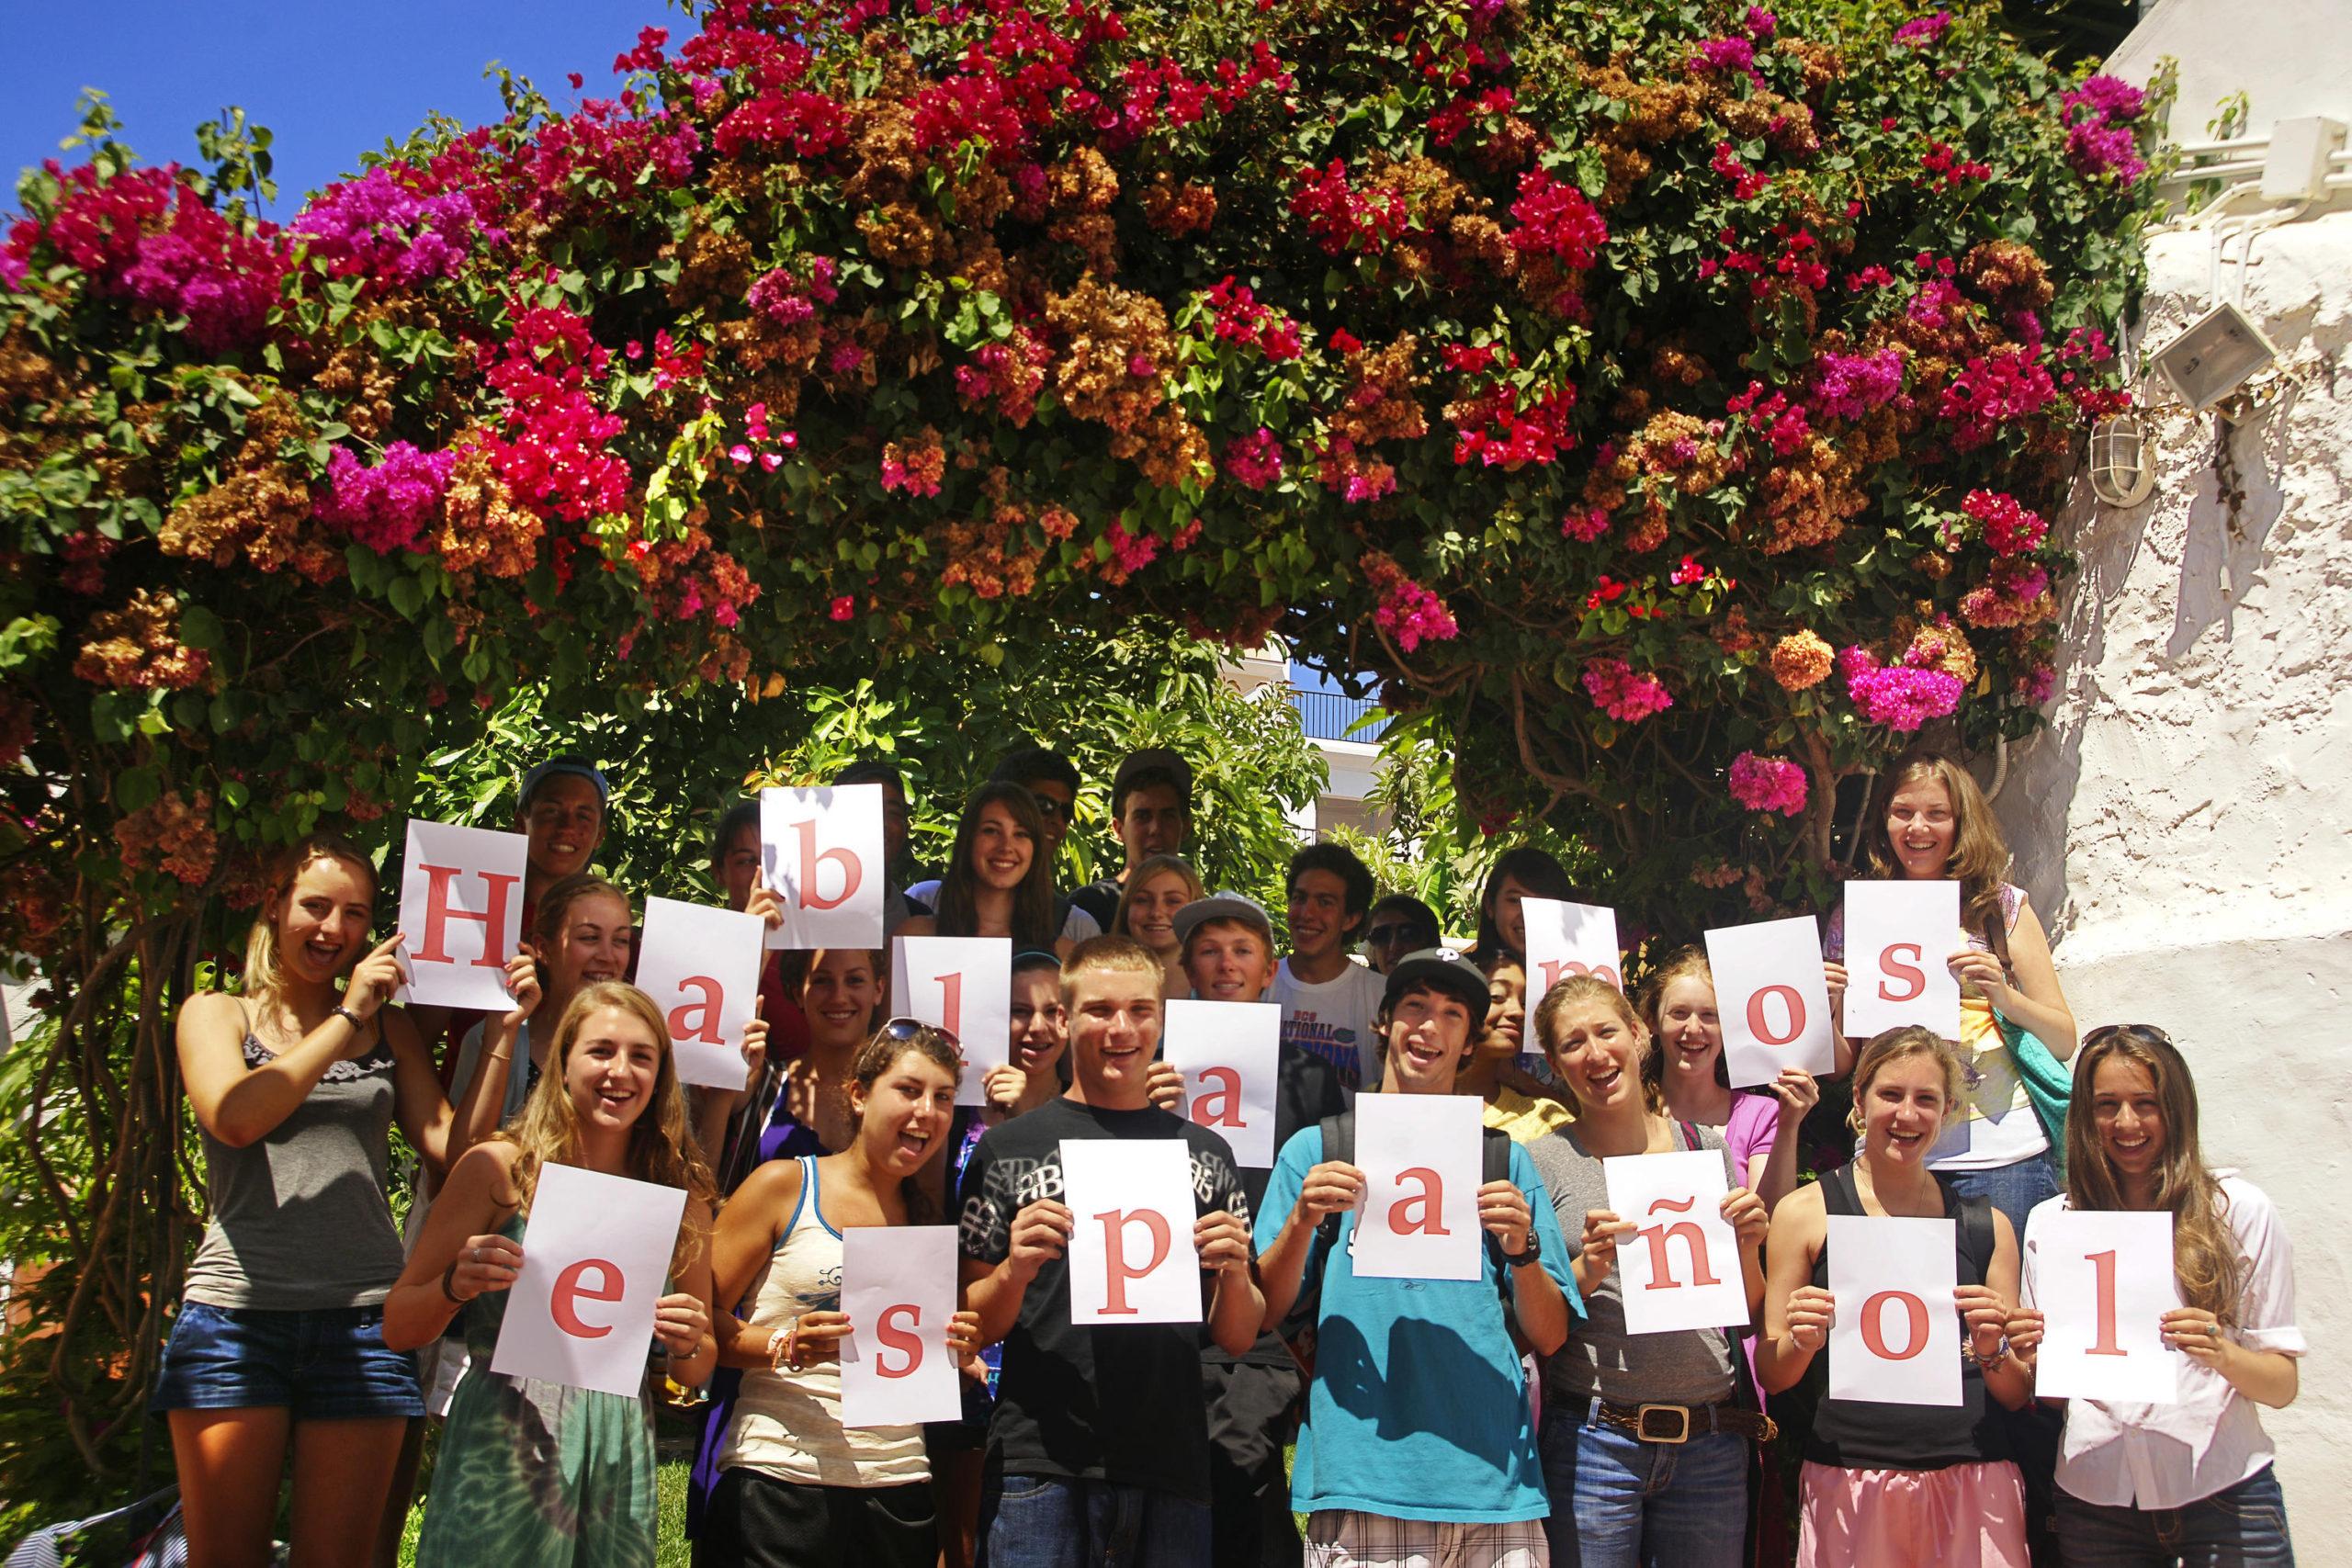 Escuela de Idiomas Nerja, Spain